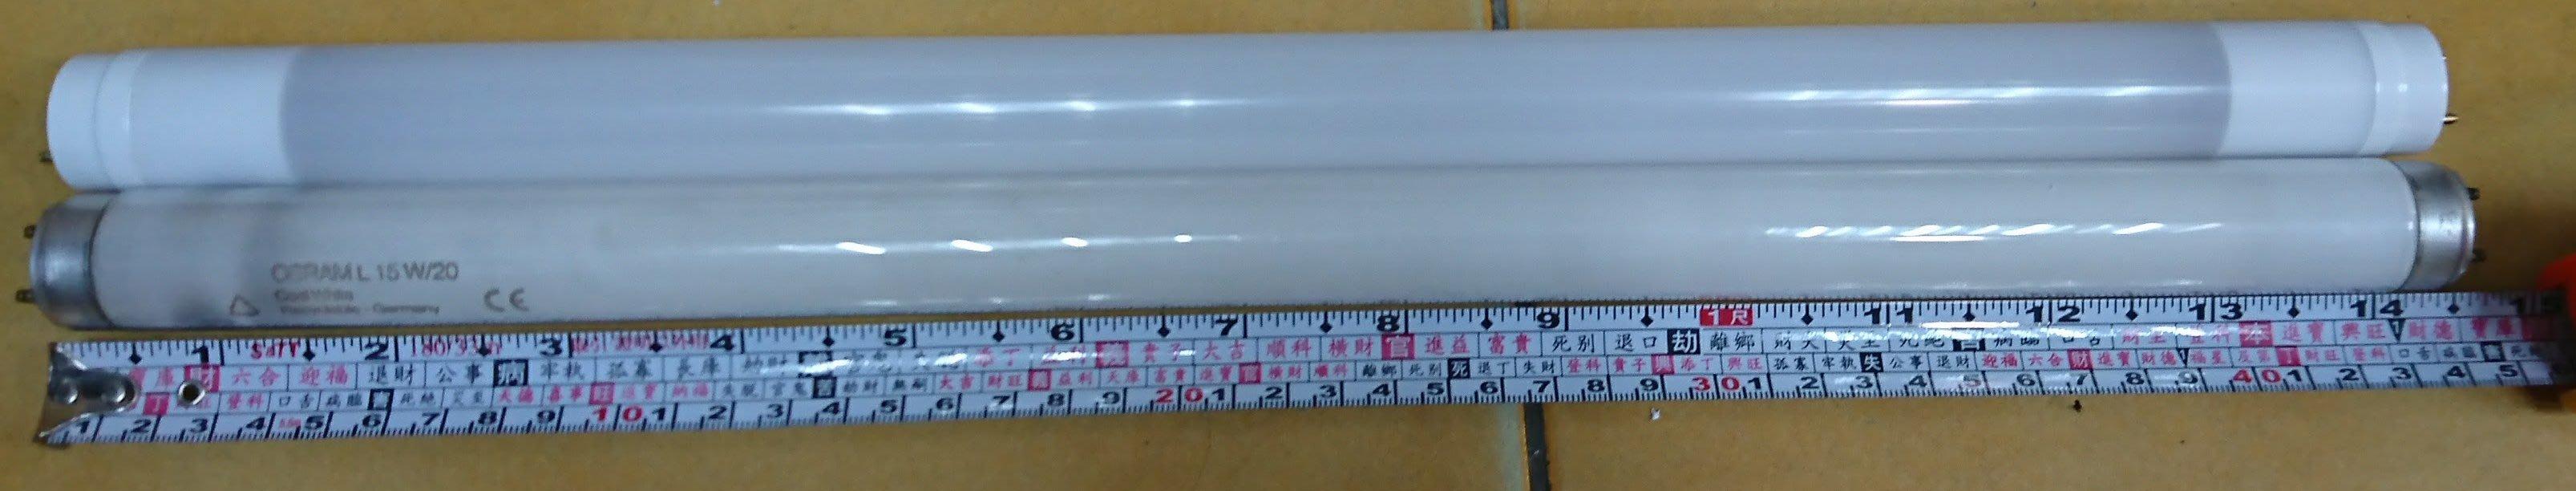 客製化 1尺半 45cm T8 LED 燈管  描圖箱燈管 可訂做全光譜色溫